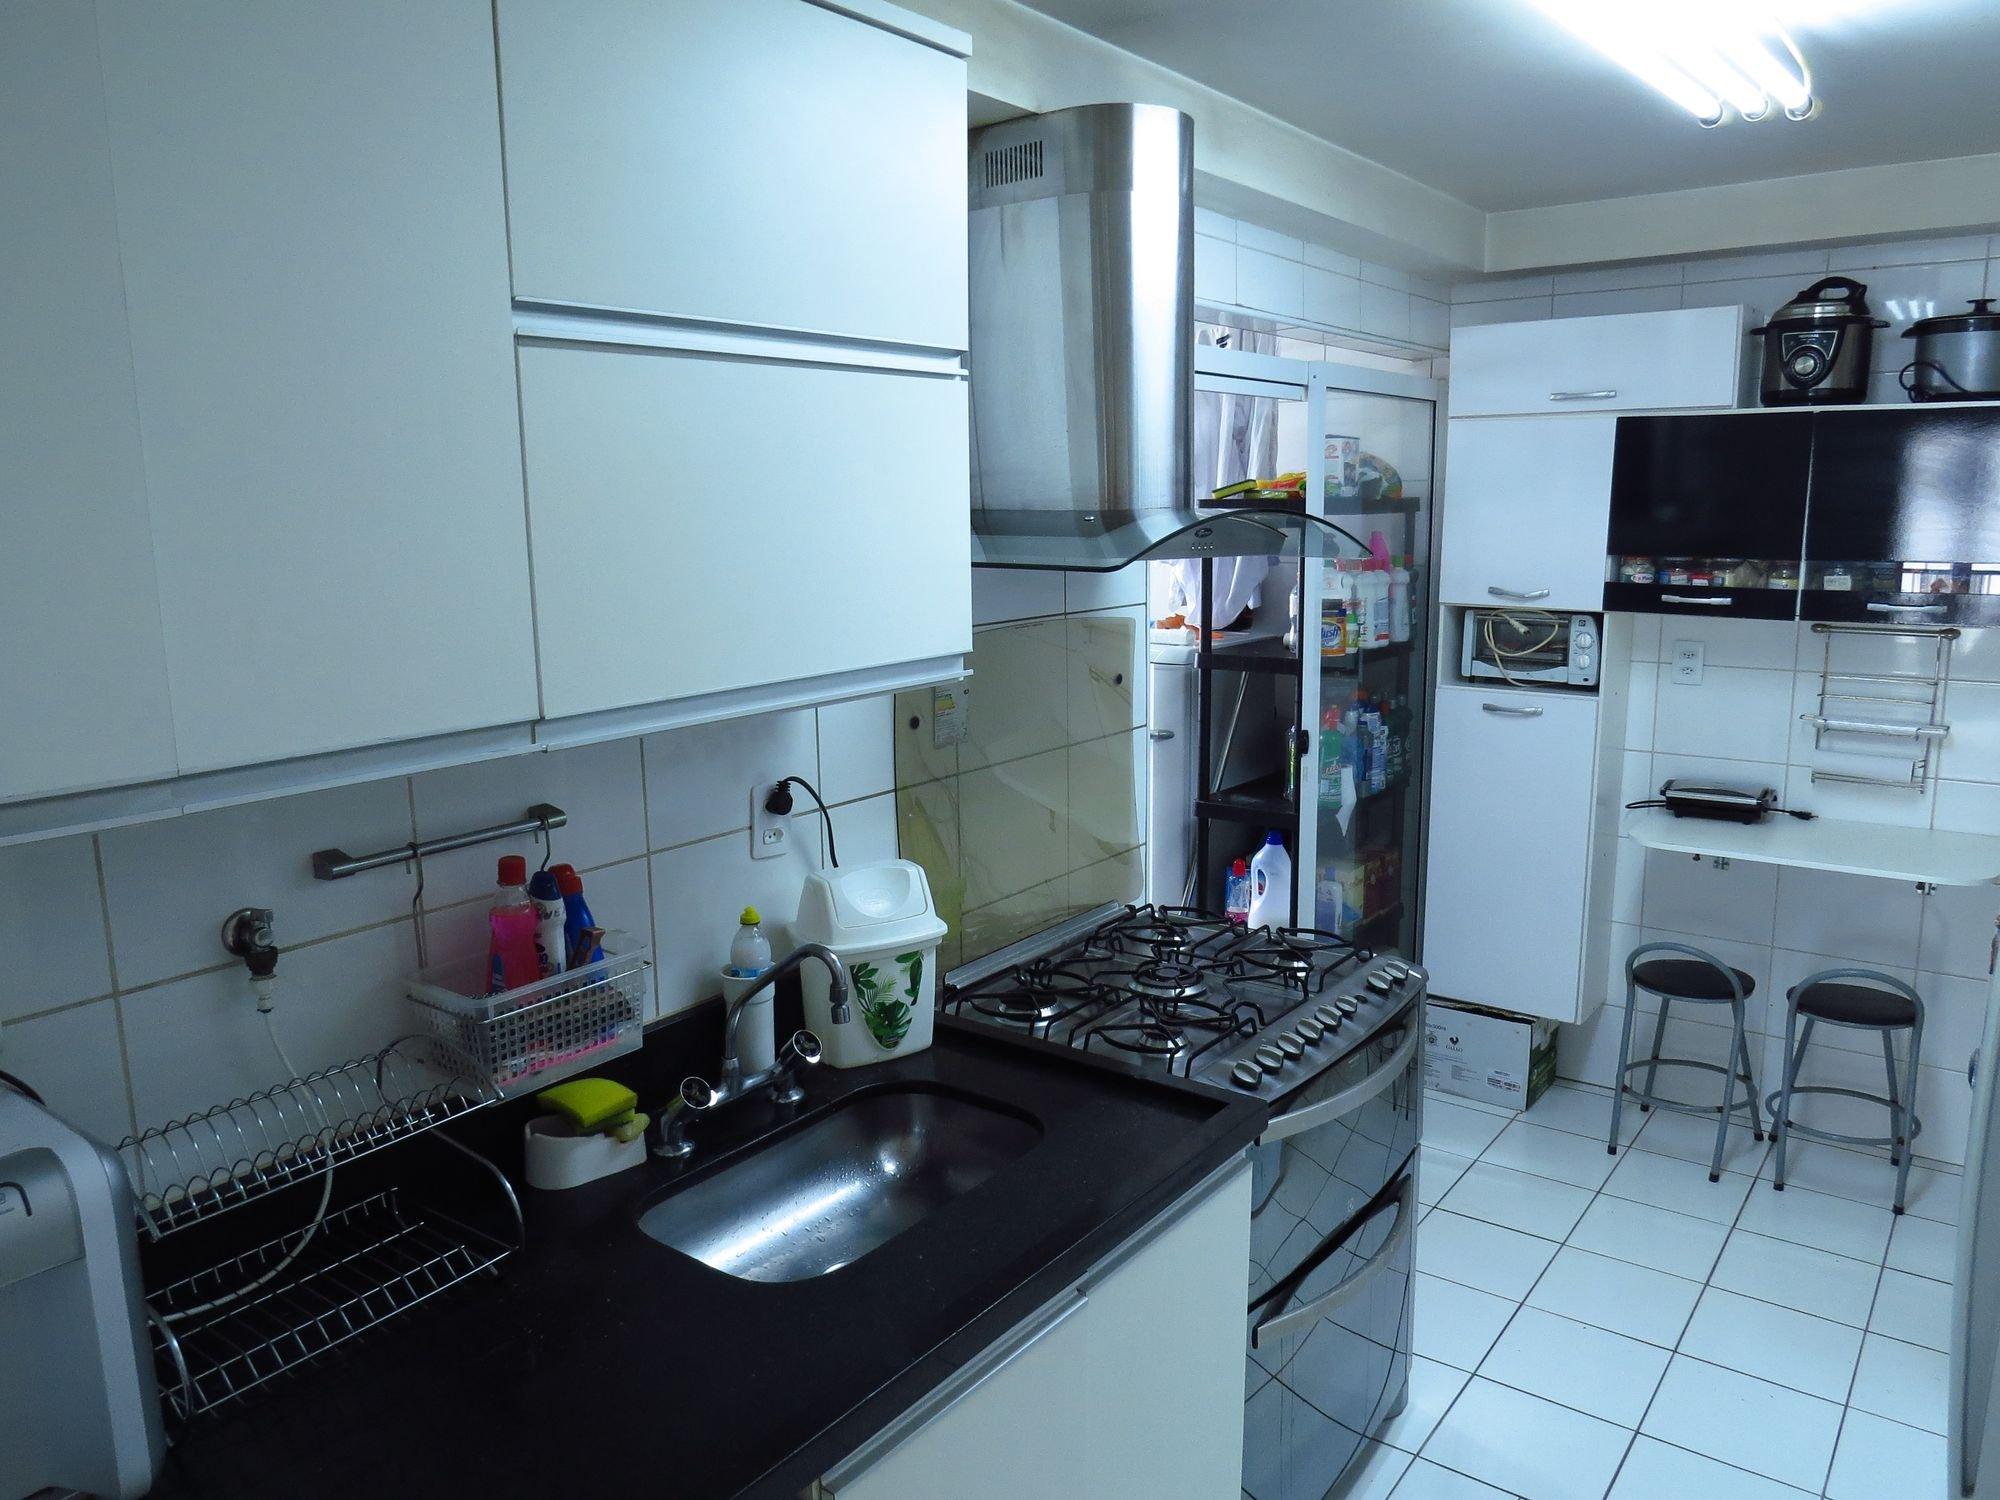 Foto de Cozinha com garrafa, forno, cadeira, pia, xícara